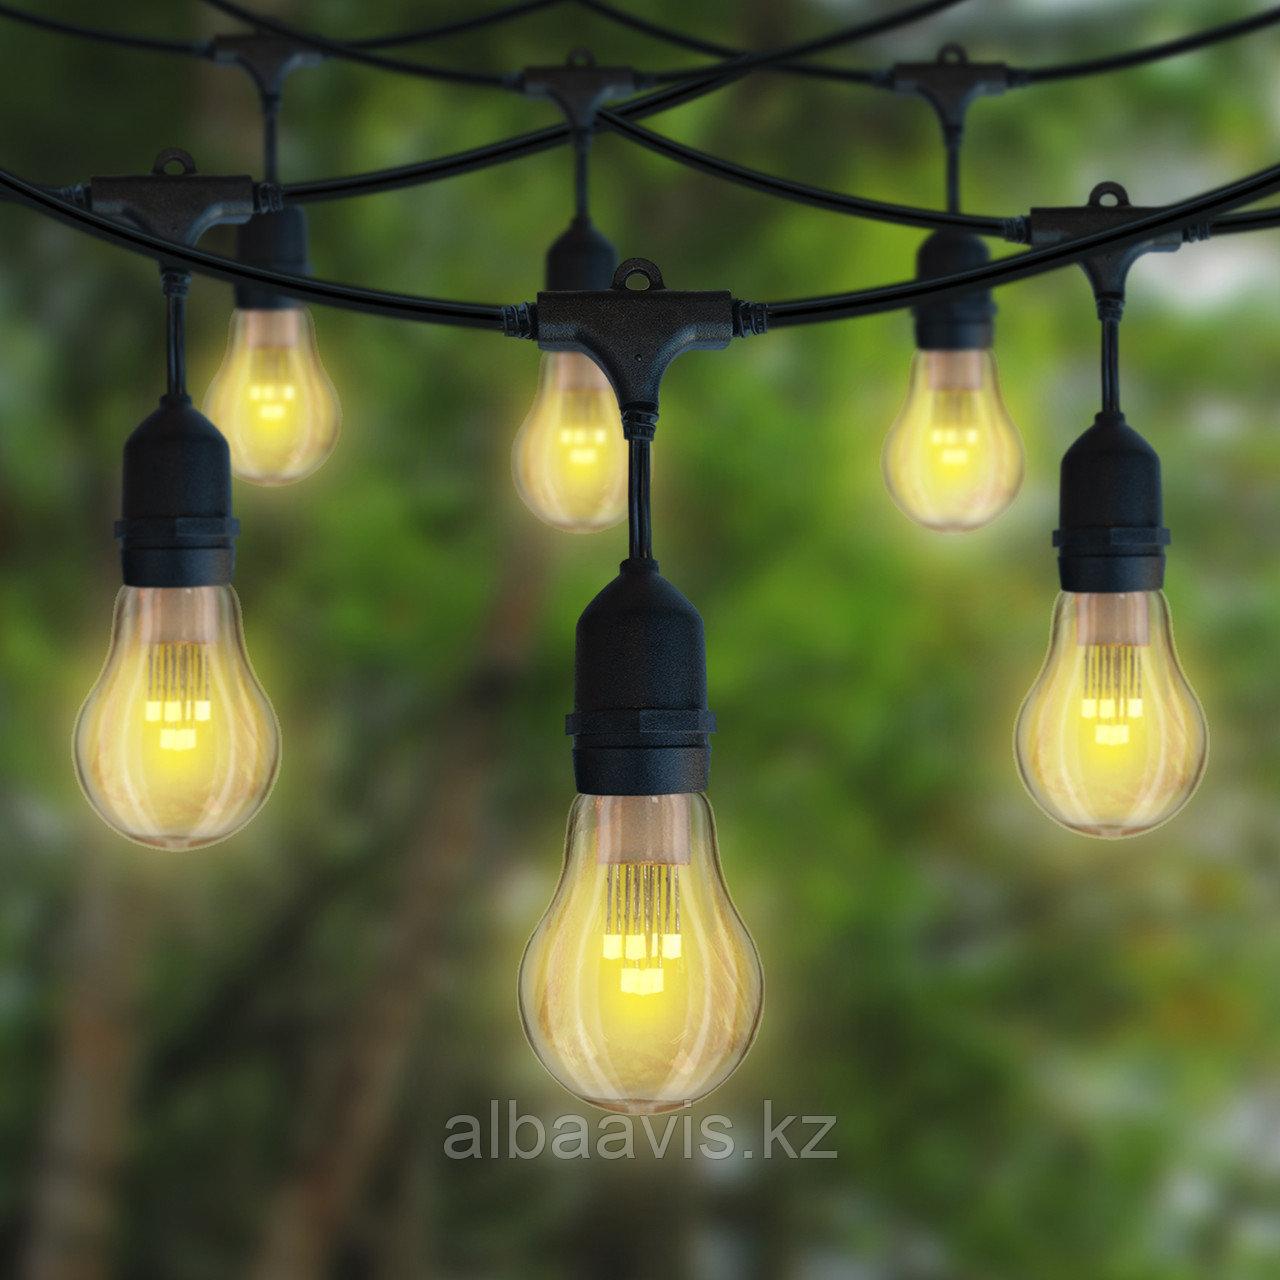 Гирлянды для кафе, 10 метров 20 ламп. Гирлянда с лампочками, гирлянда ретро, гирлянда для летней площадки